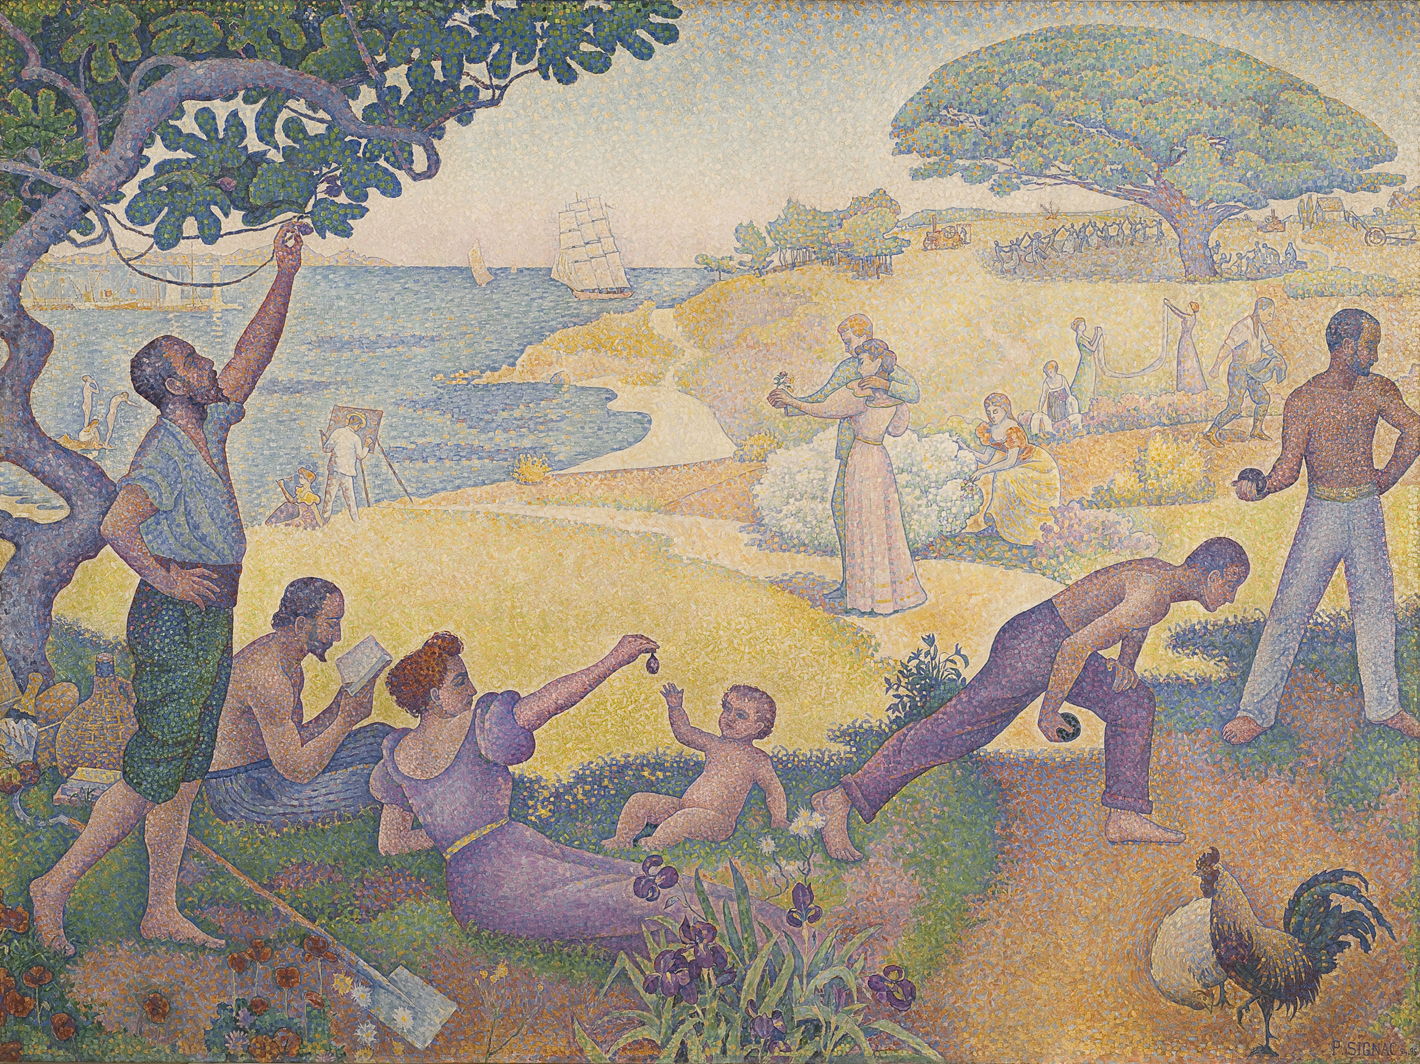 Во времена гармонии. Золотой век не в прошлом, а в будущем. Поль Синьяк, 1893-1895 Городская мэрия, Монтрёй 310 x 410 см